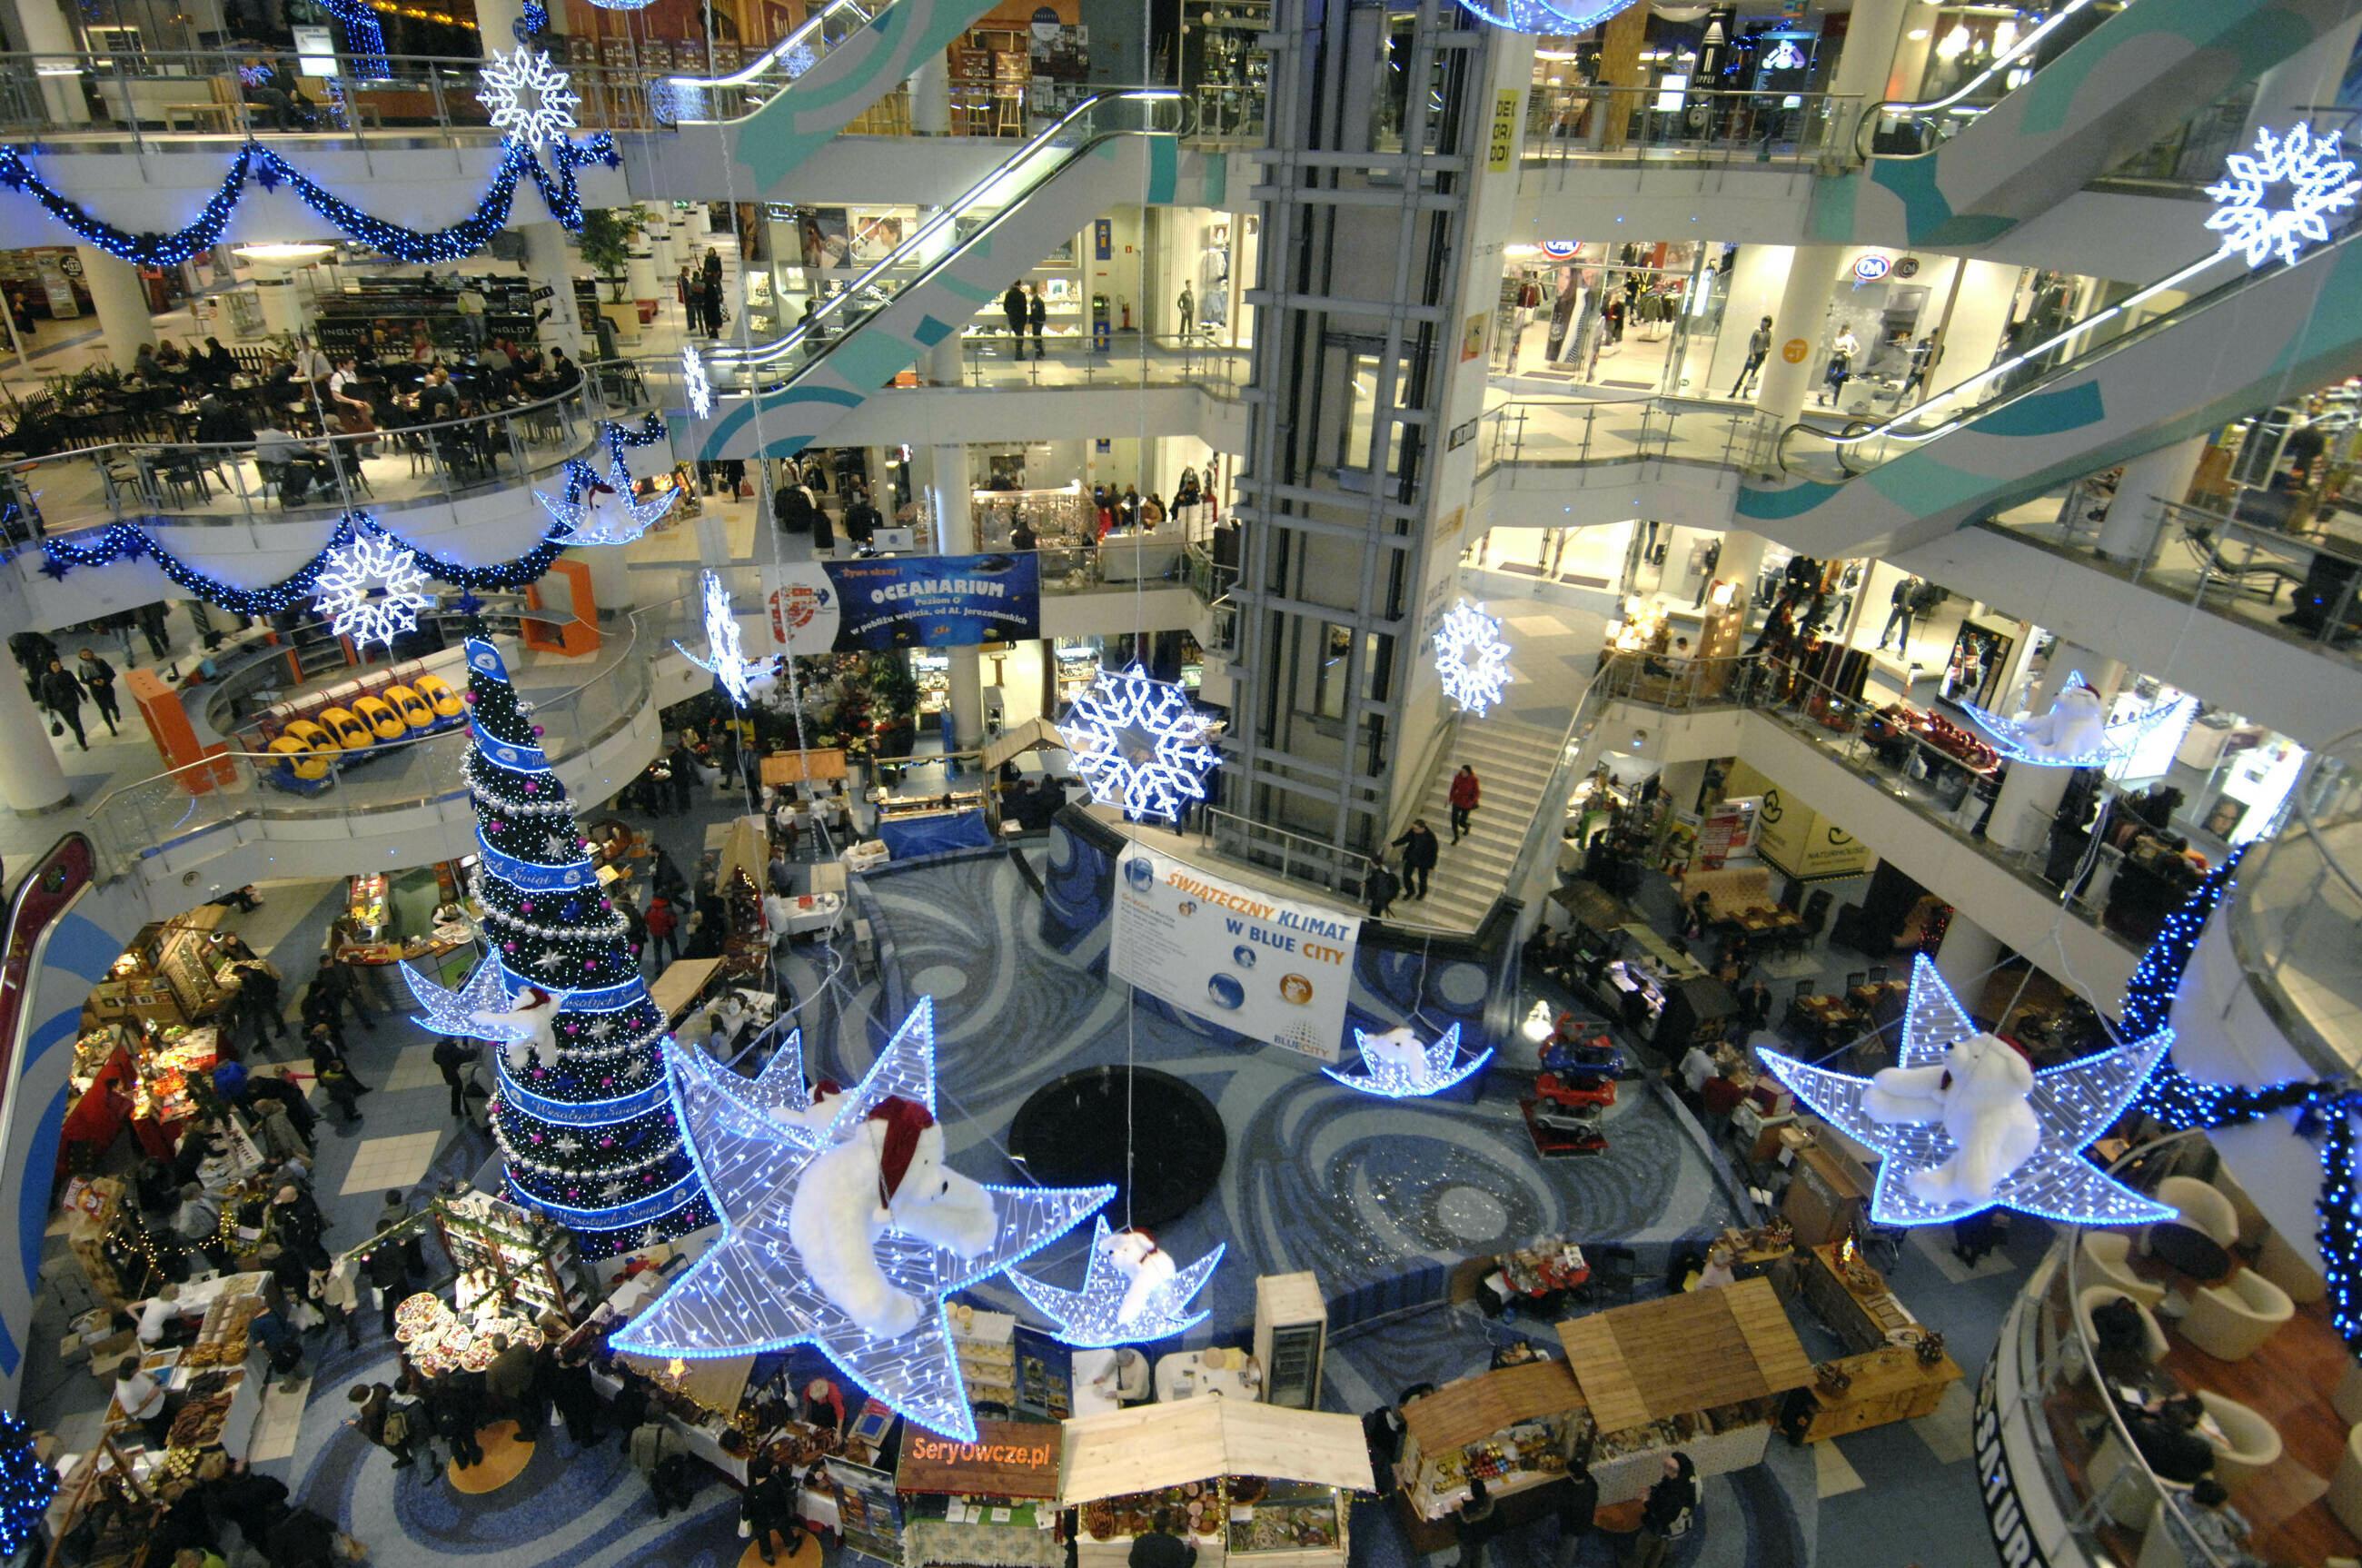 Galeria handlowa przed świętami